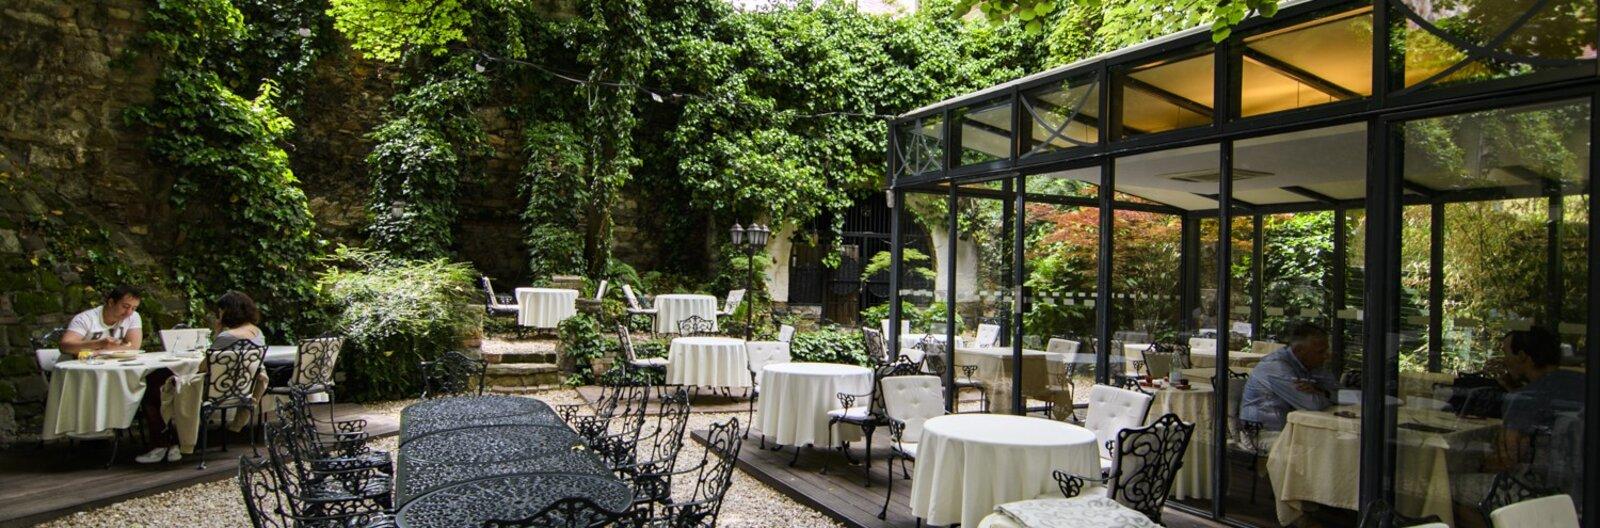 a legjobb francia találkozó helyek)